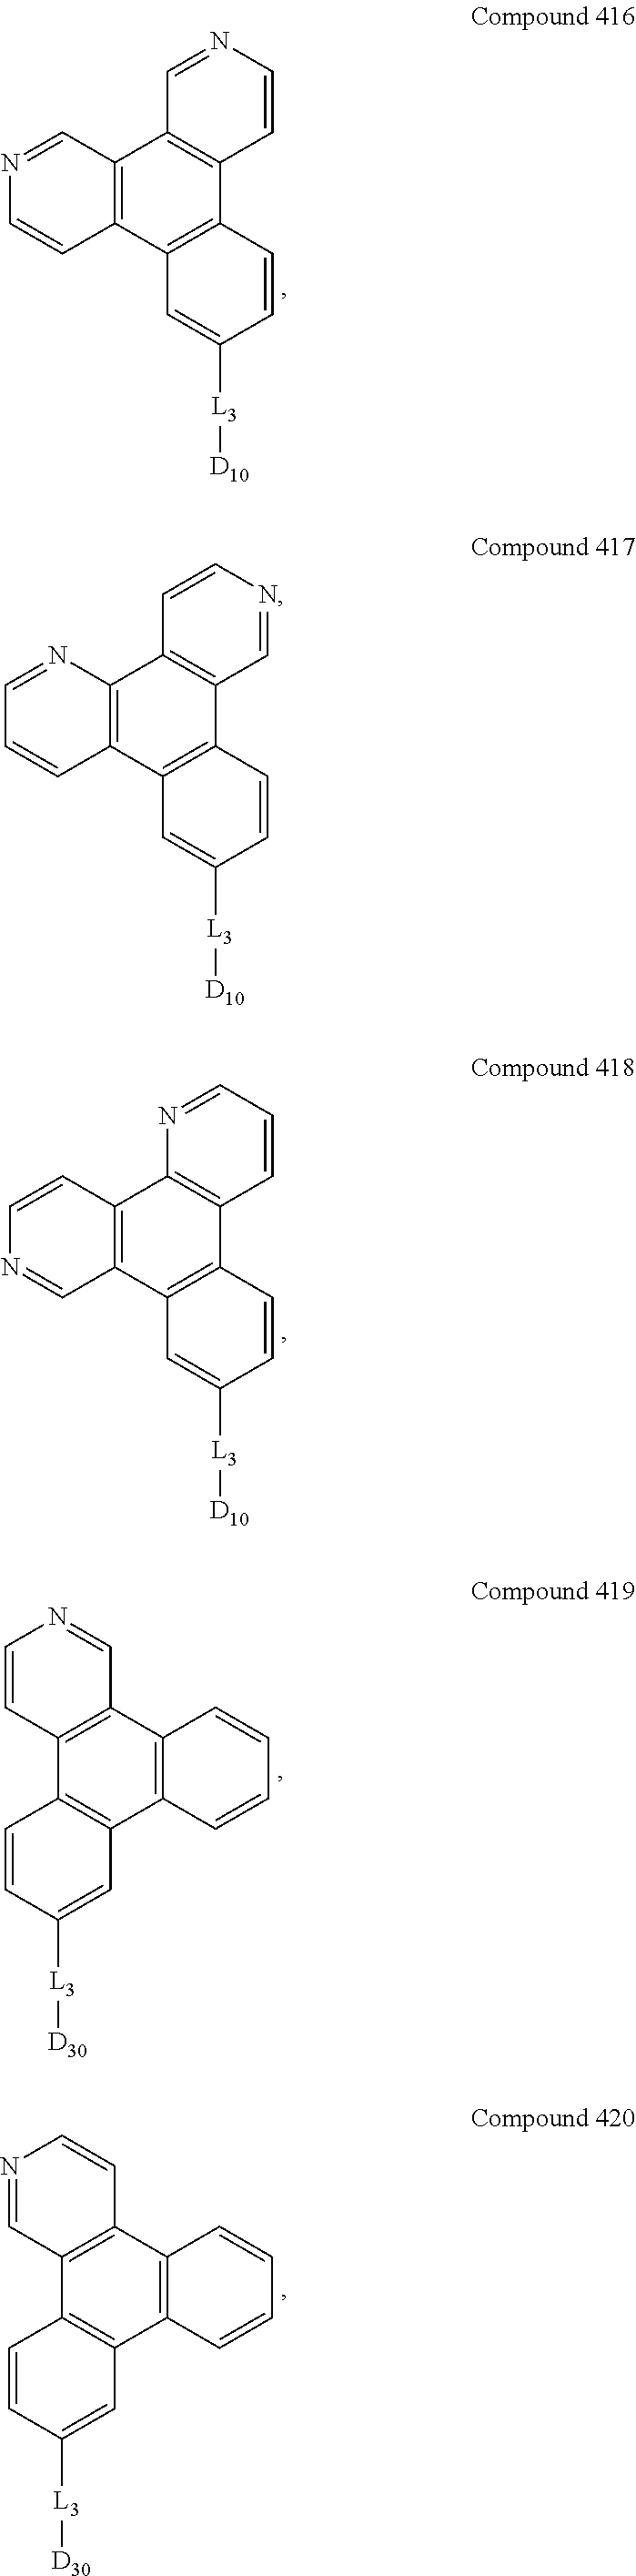 Figure US09537106-20170103-C00239